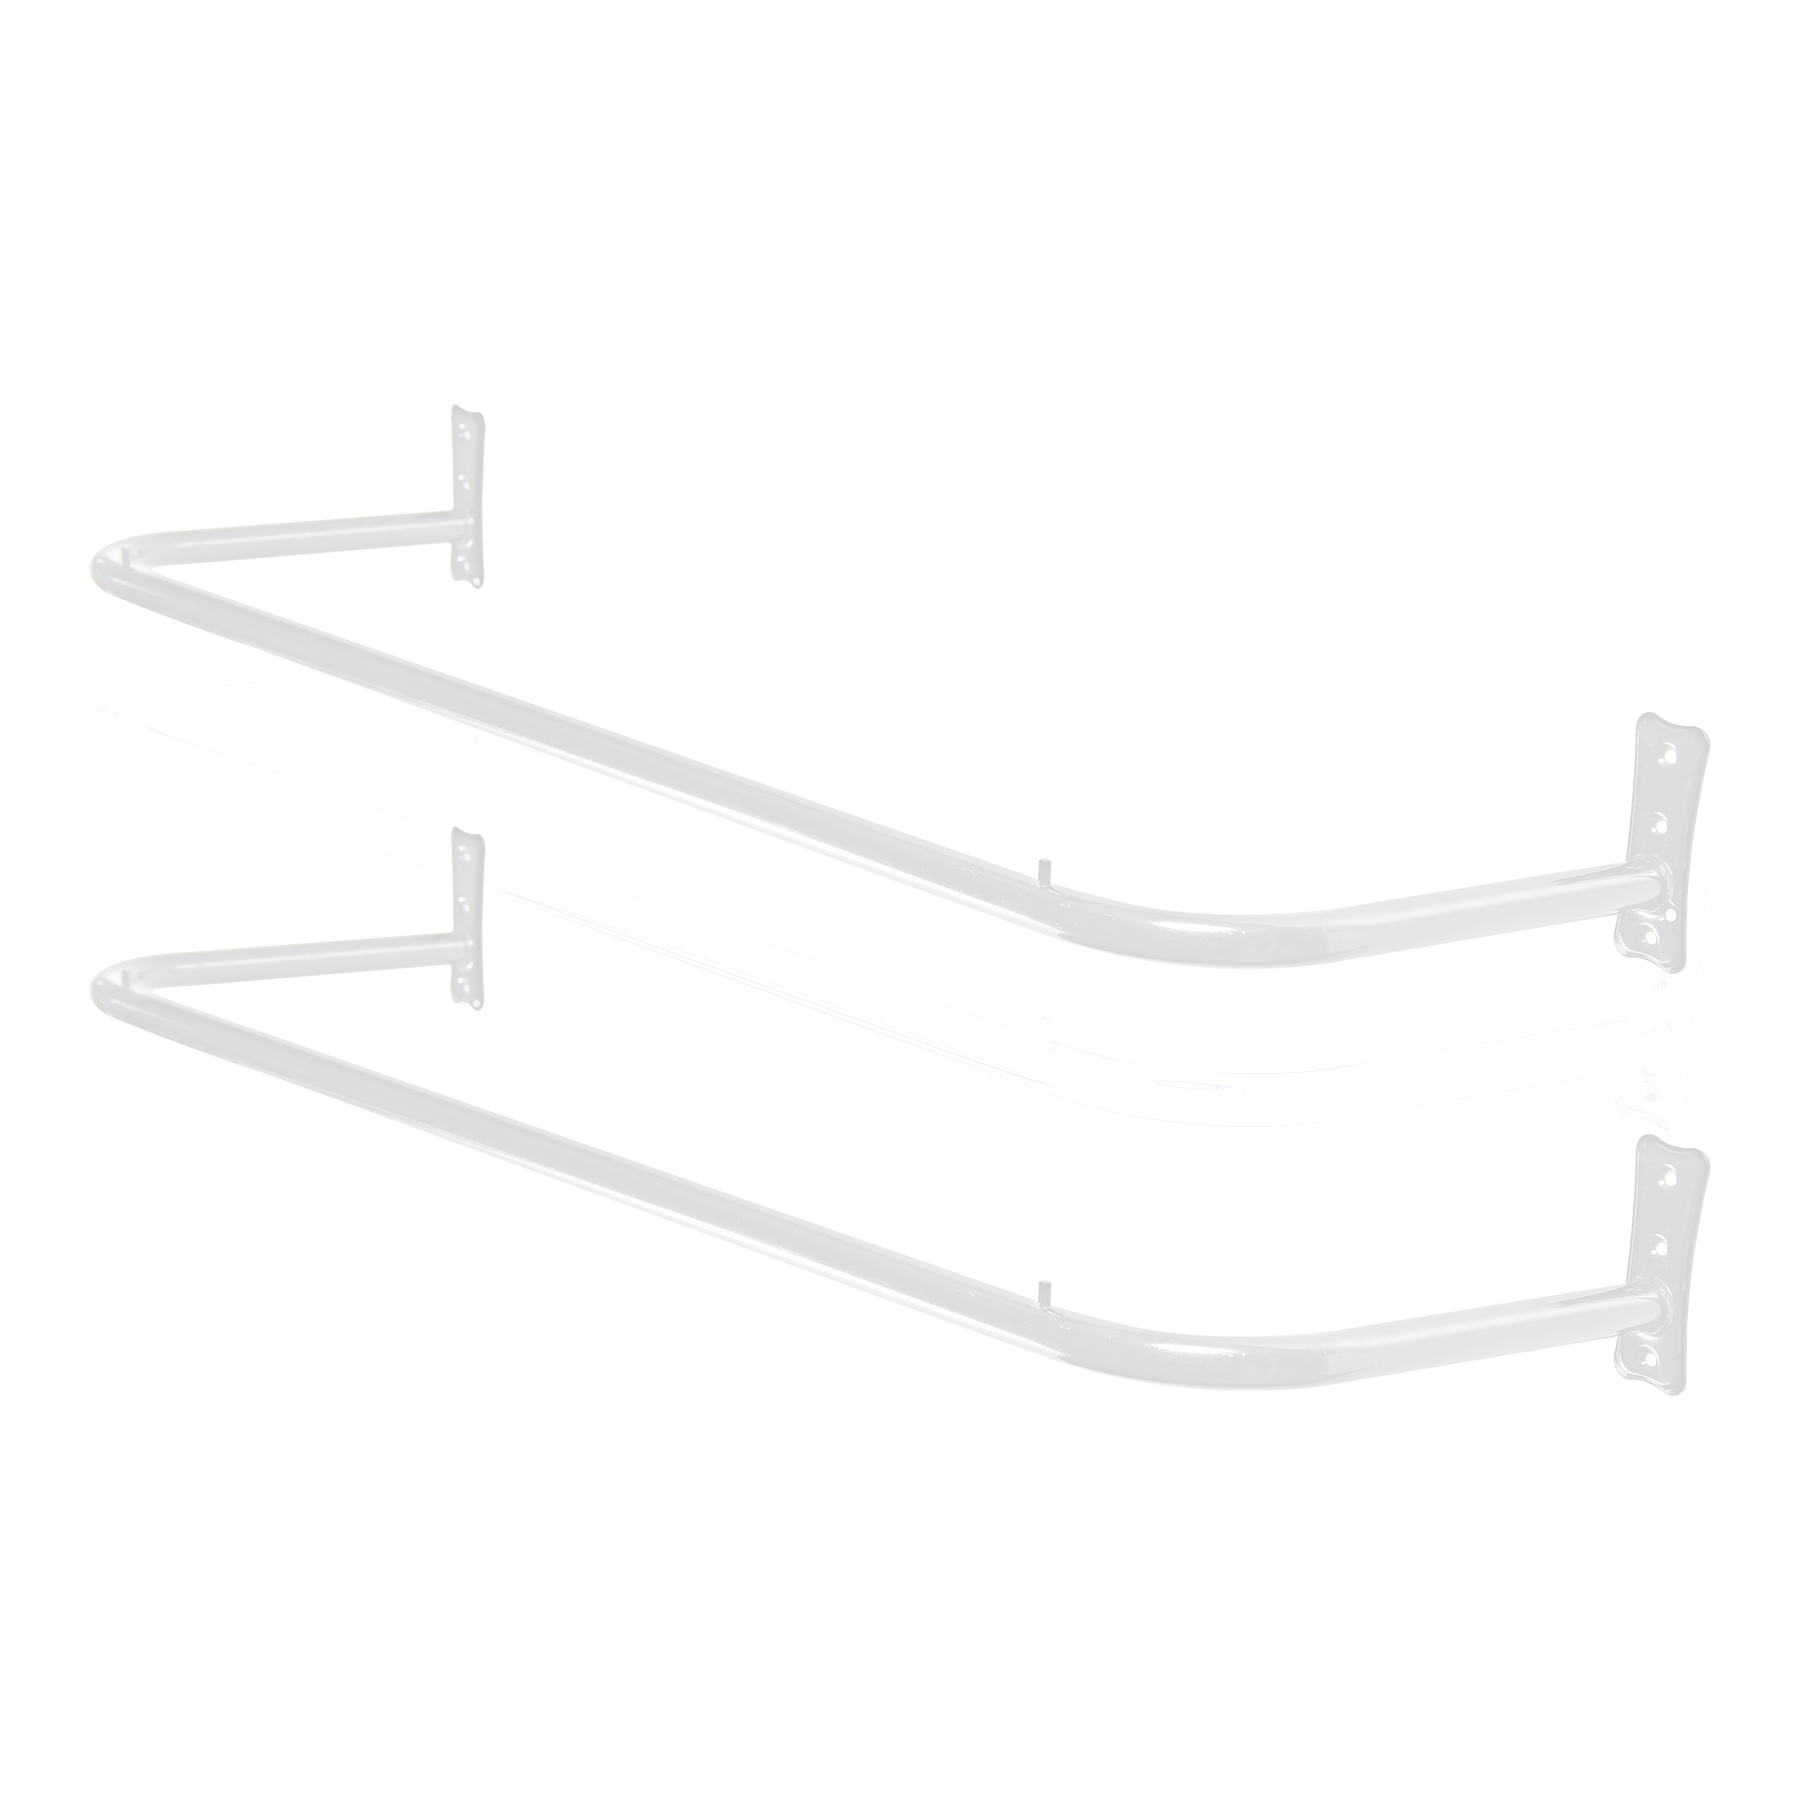 Kit Arara Fixa de Parede 1,50mt - 2 Unidades